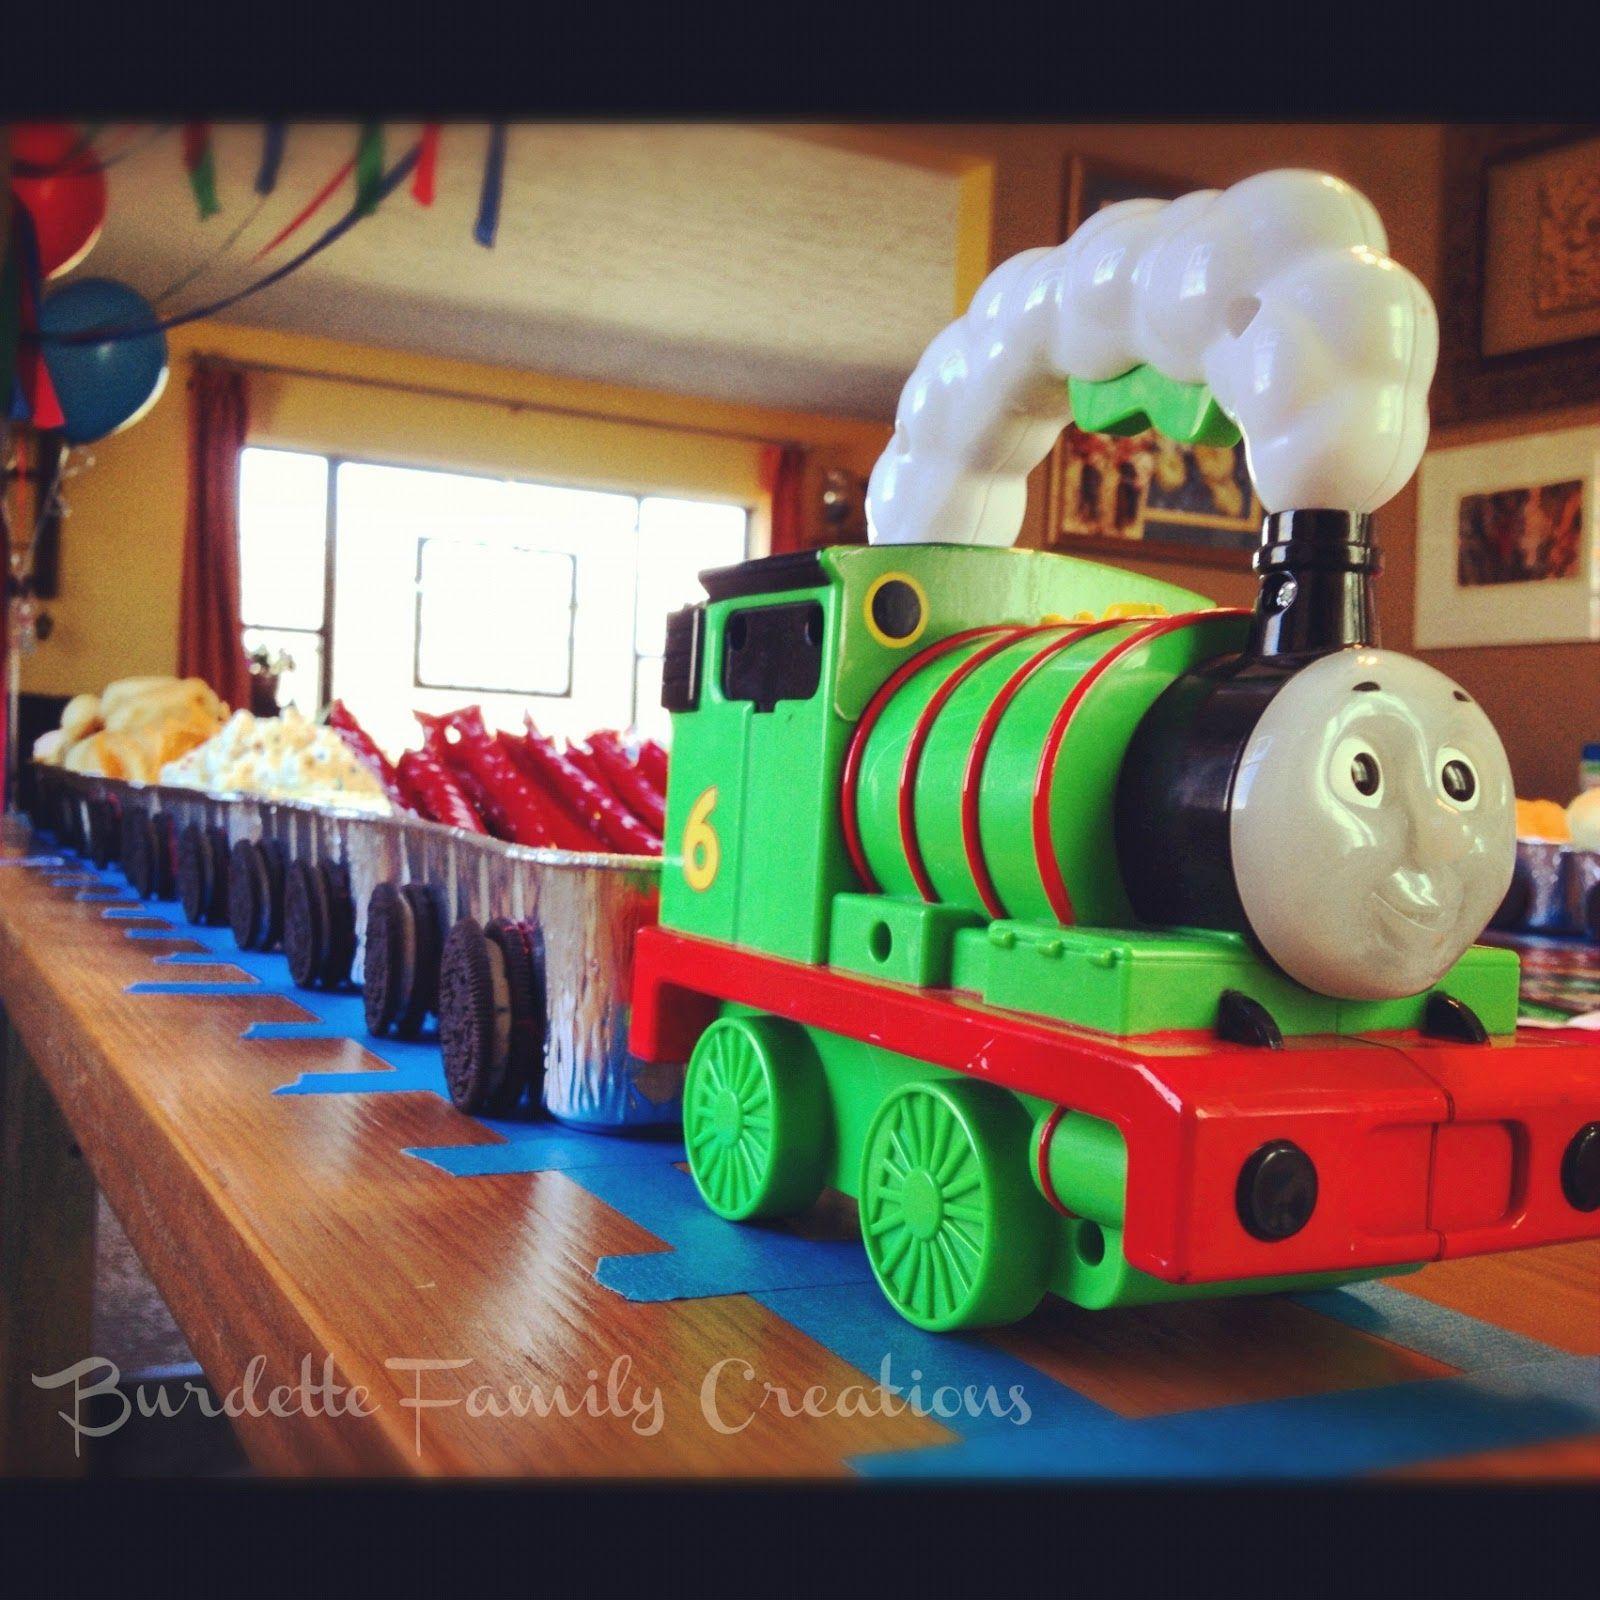 thomas the train birthday party idea freight cars are loaf tins thomas the train birthday party idea freight cars are loaf tins with oreos as